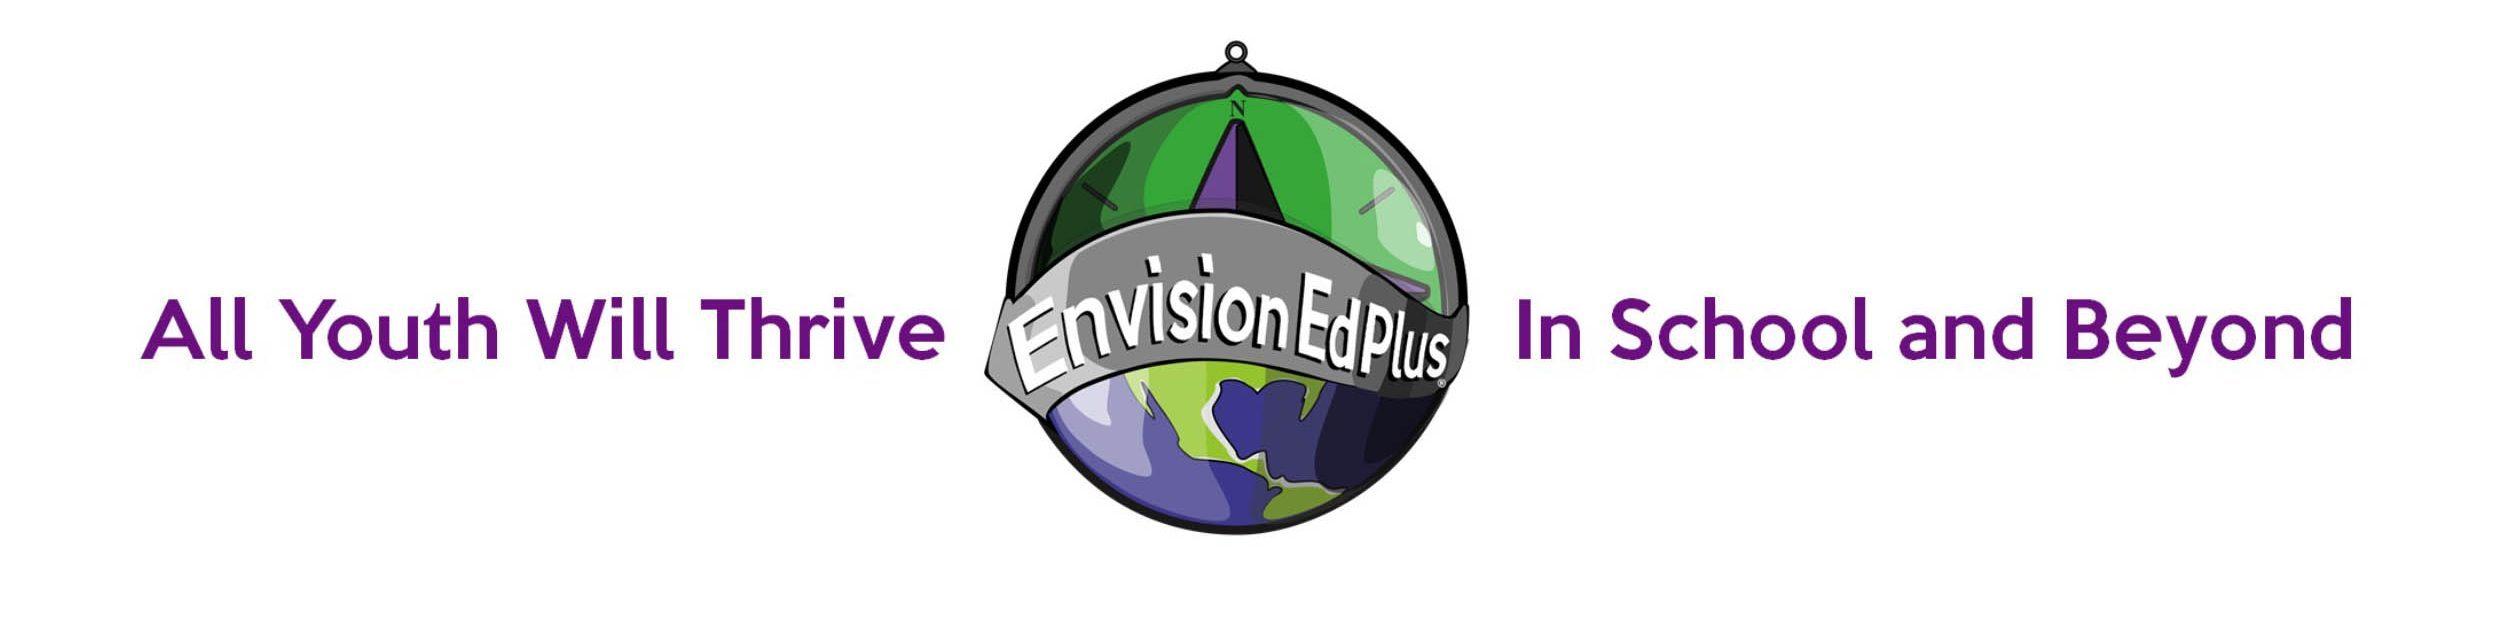 envisionedplus-log_20210127-144148_1